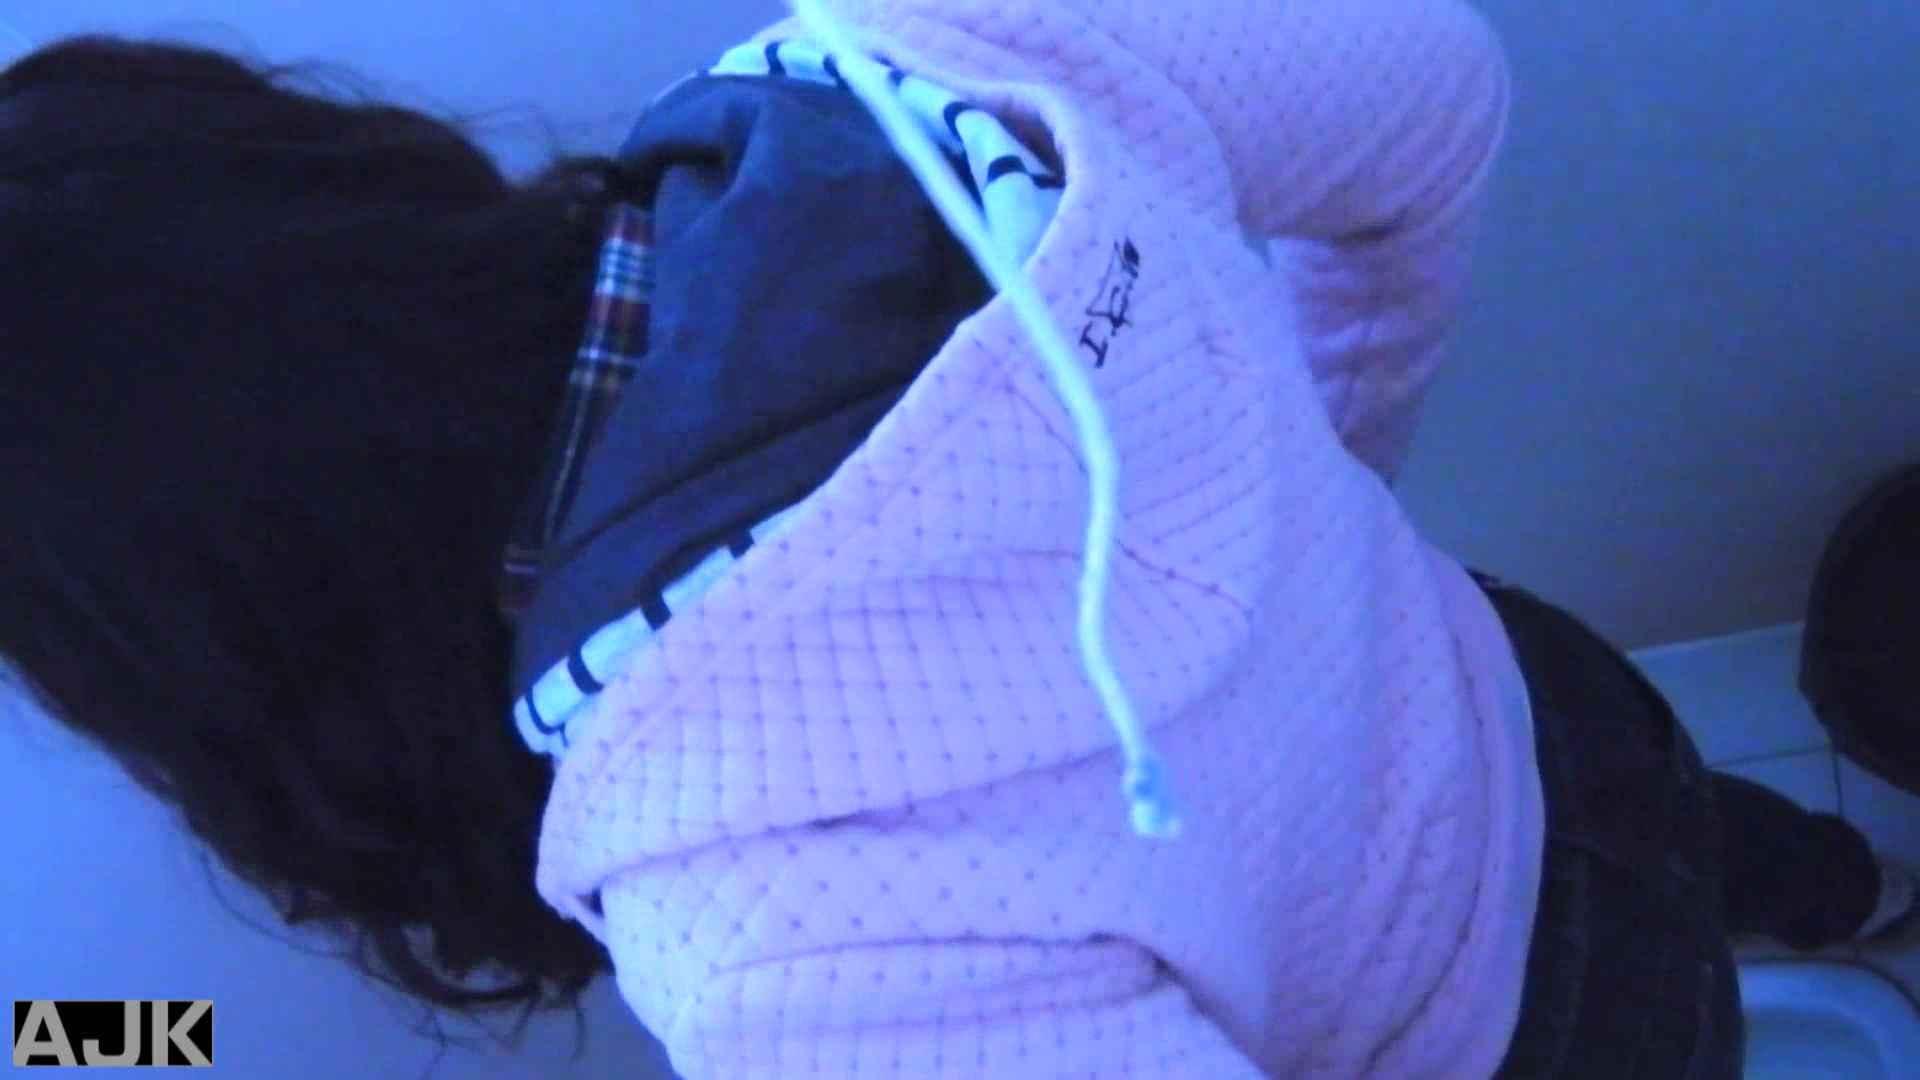 神降臨!史上最強の潜入かわや! vol.07 美女丸裸 オメコ無修正動画無料 94pic 89